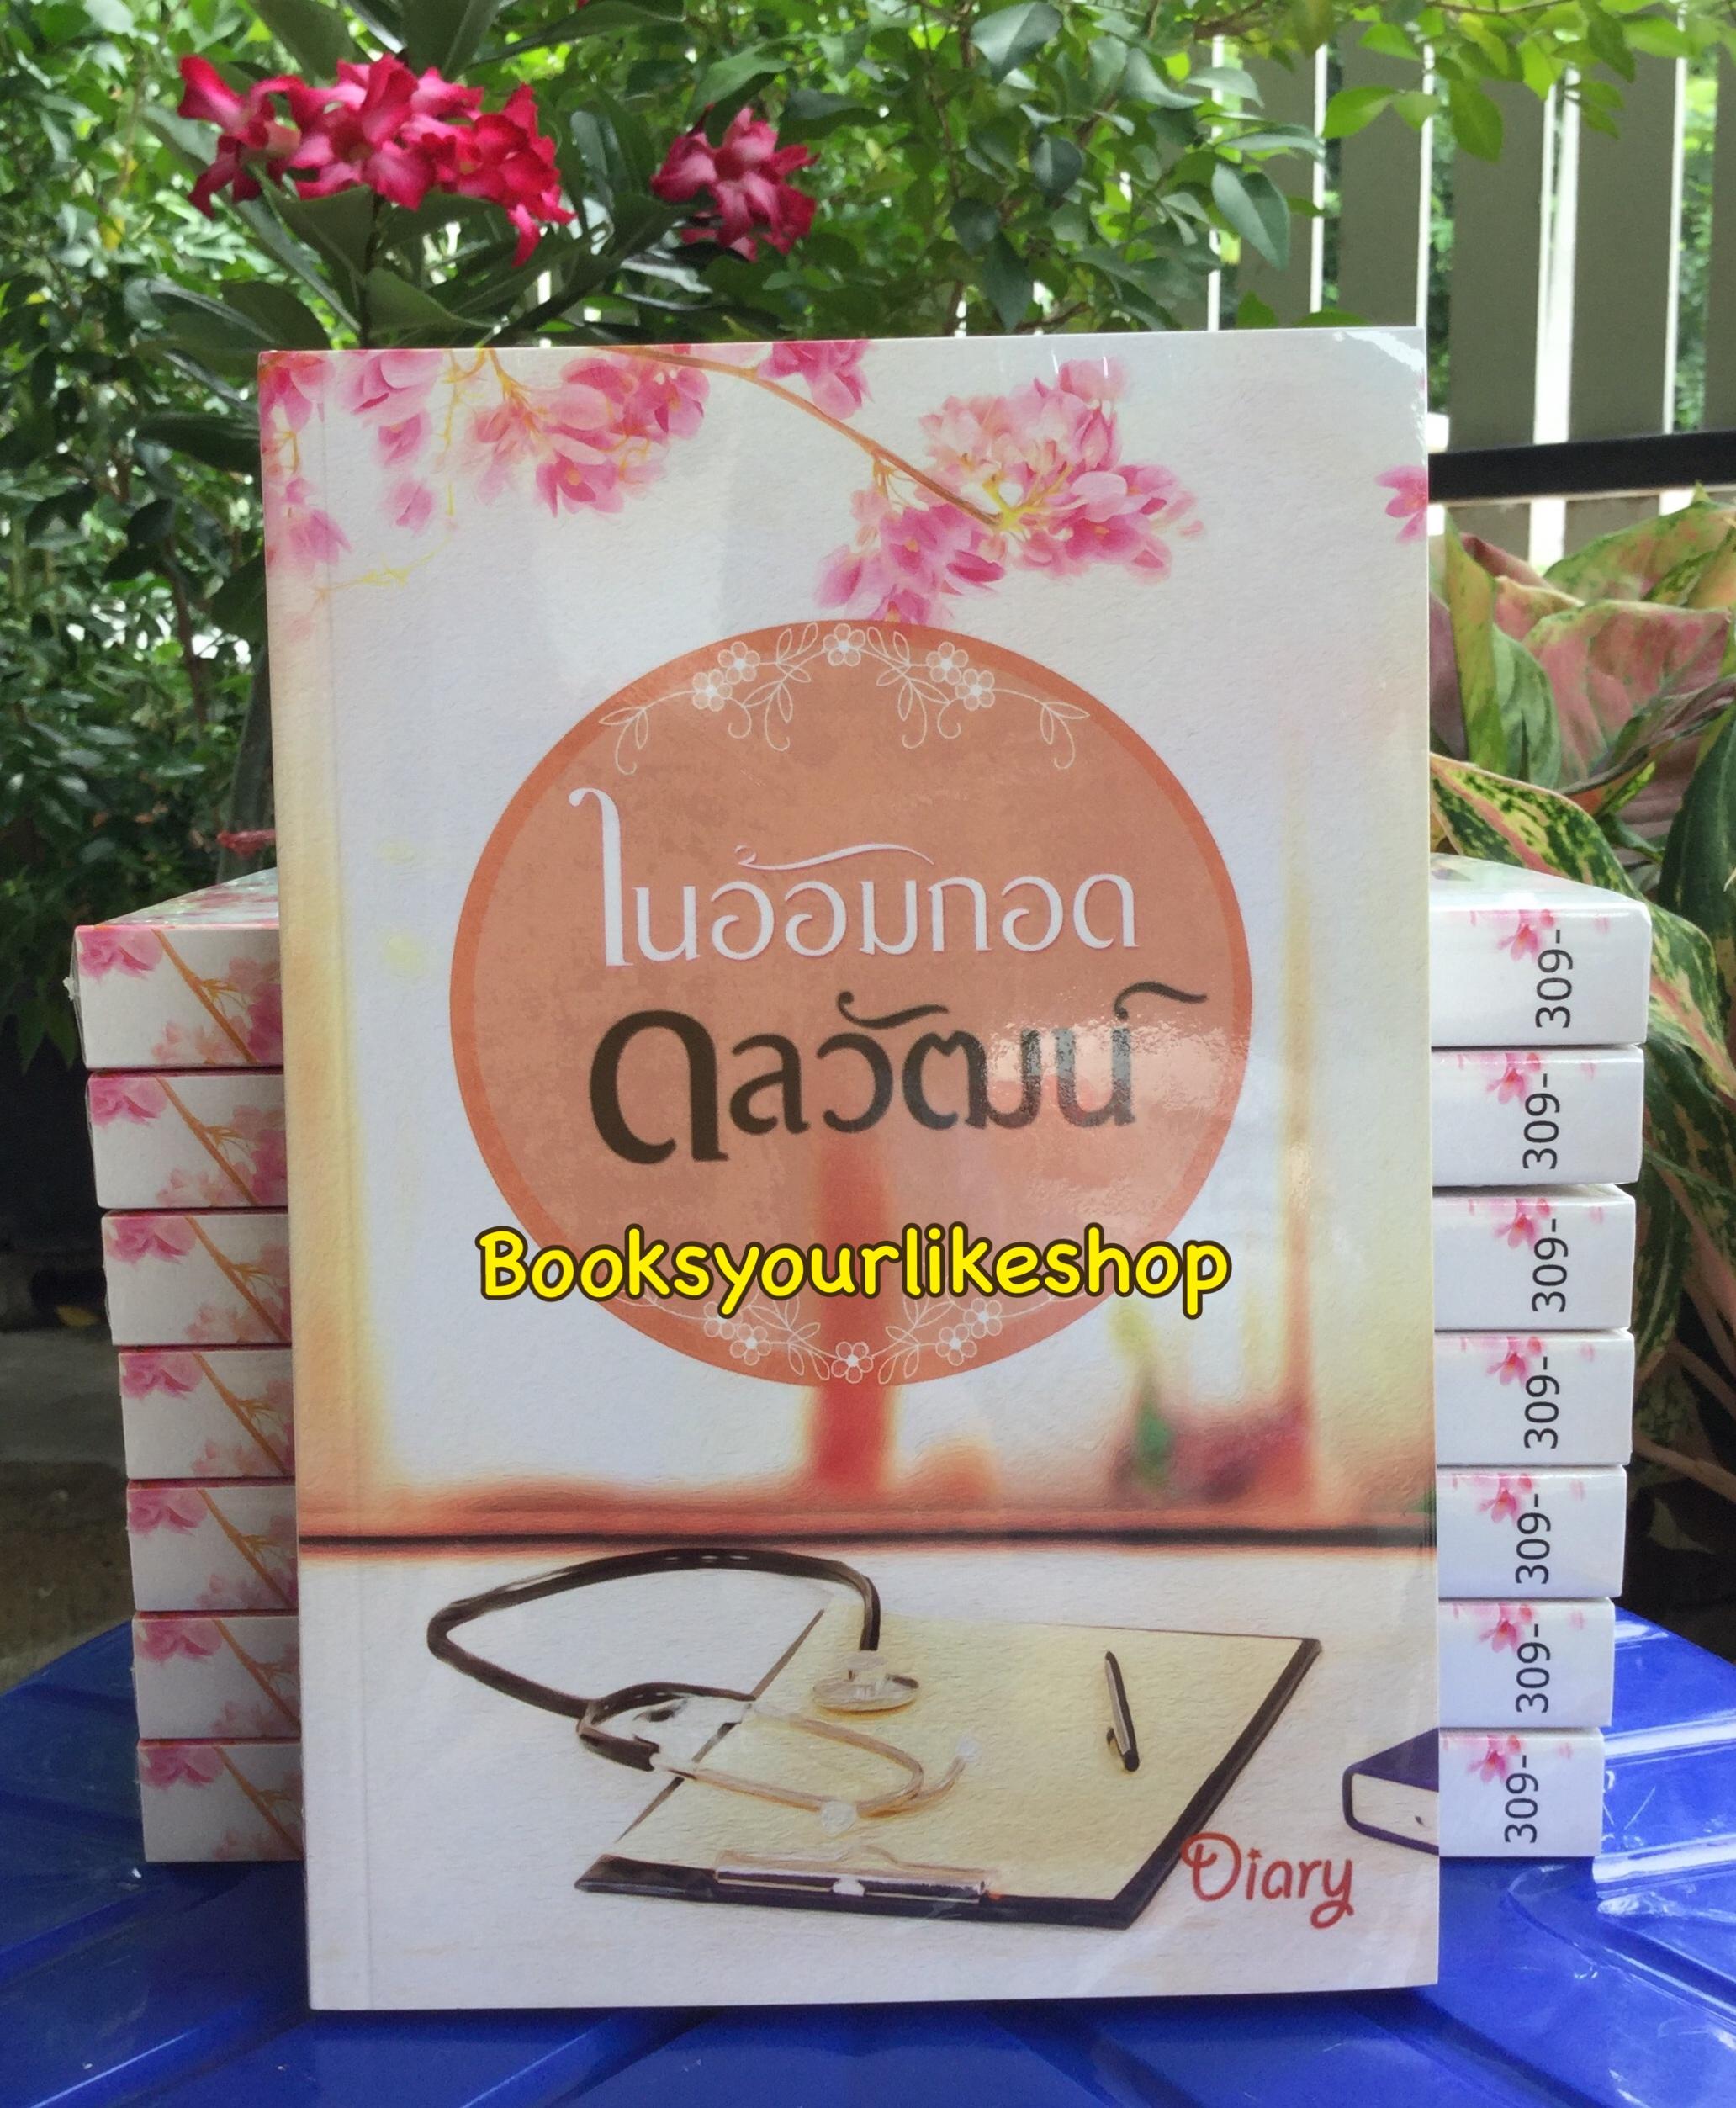 โปรส่งฟรี ในอ้อมกอดดลวัฒน์ / Diary เดหลี หนังสือใหม่ทำมือ